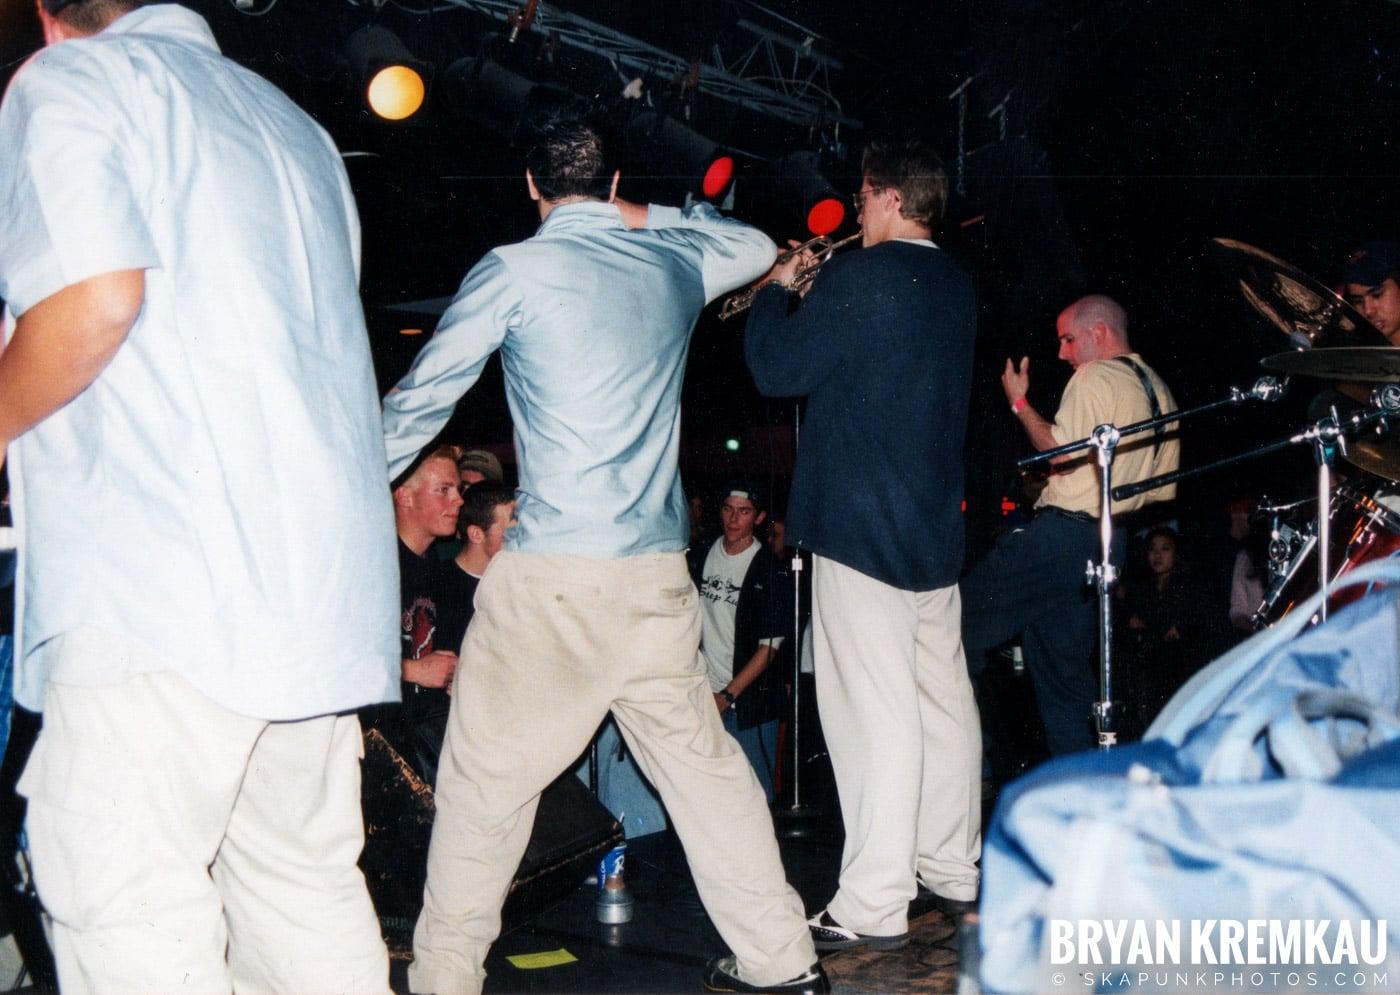 Step Lively @ Skater's World, Wayne, NJ - 11.7.98 (8)